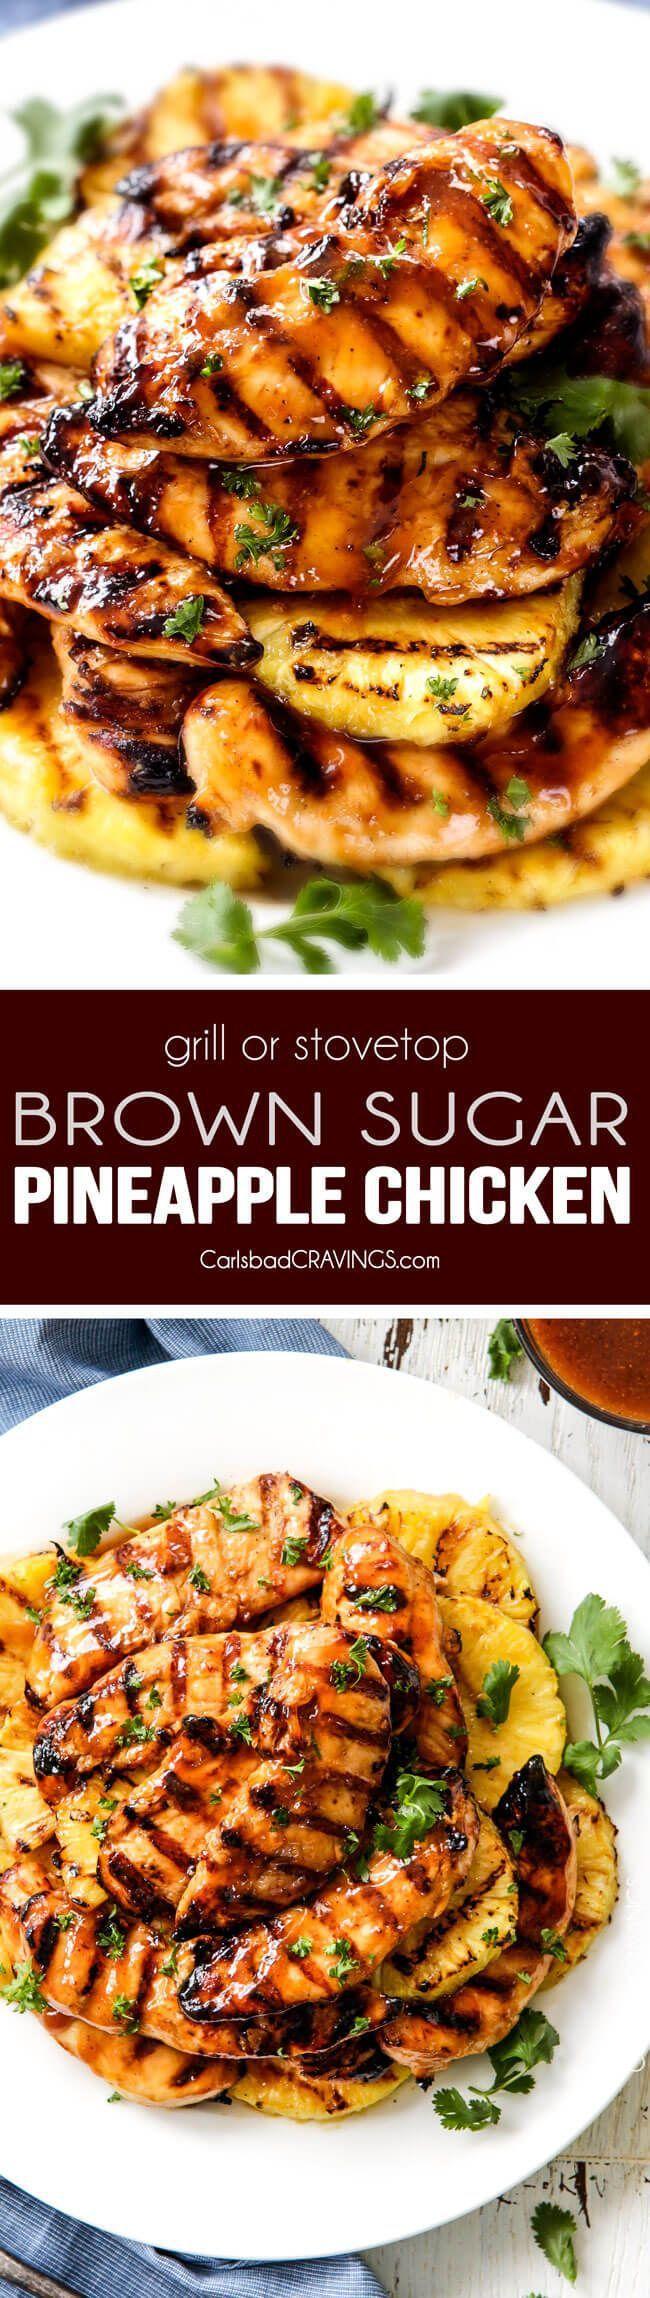 Brown Sugar Pineapple Chicken Carlsbad Cravings